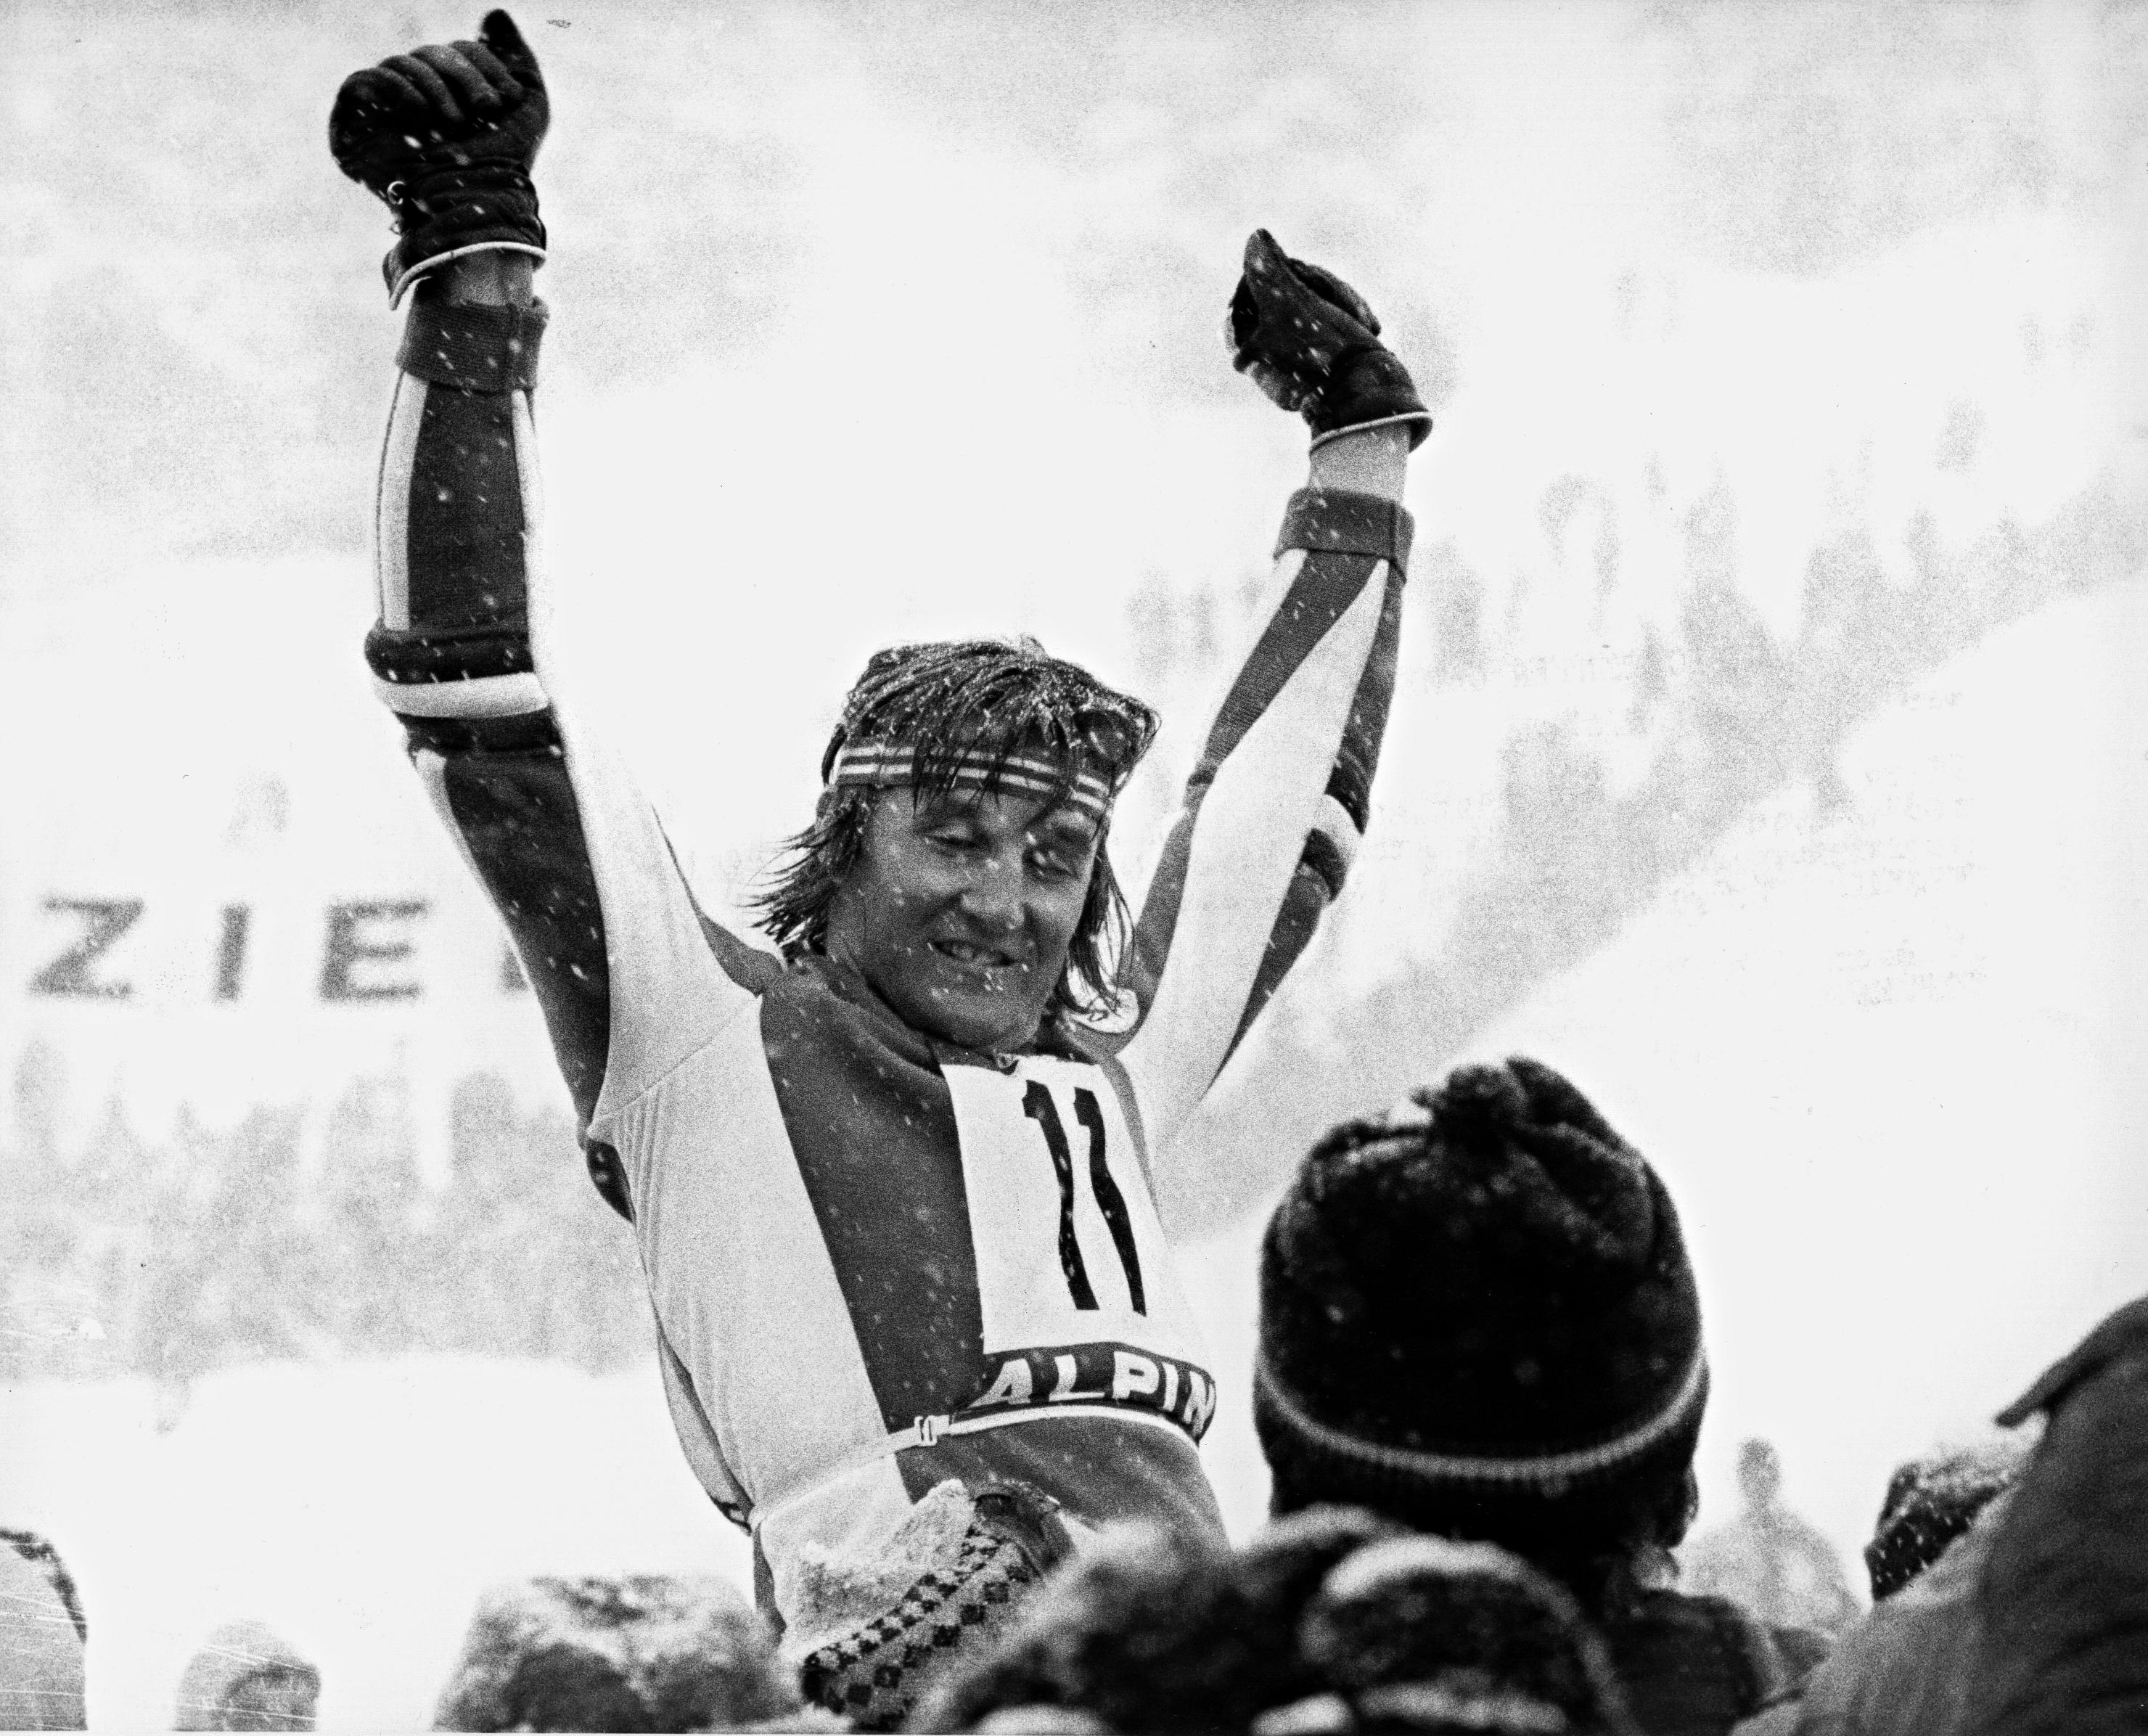 Piero Gros in trionfo il 14 febbraio 1976 a Innsbruck. Ha appena vinto l'oro olimpico in slalom davanti a Thoeni